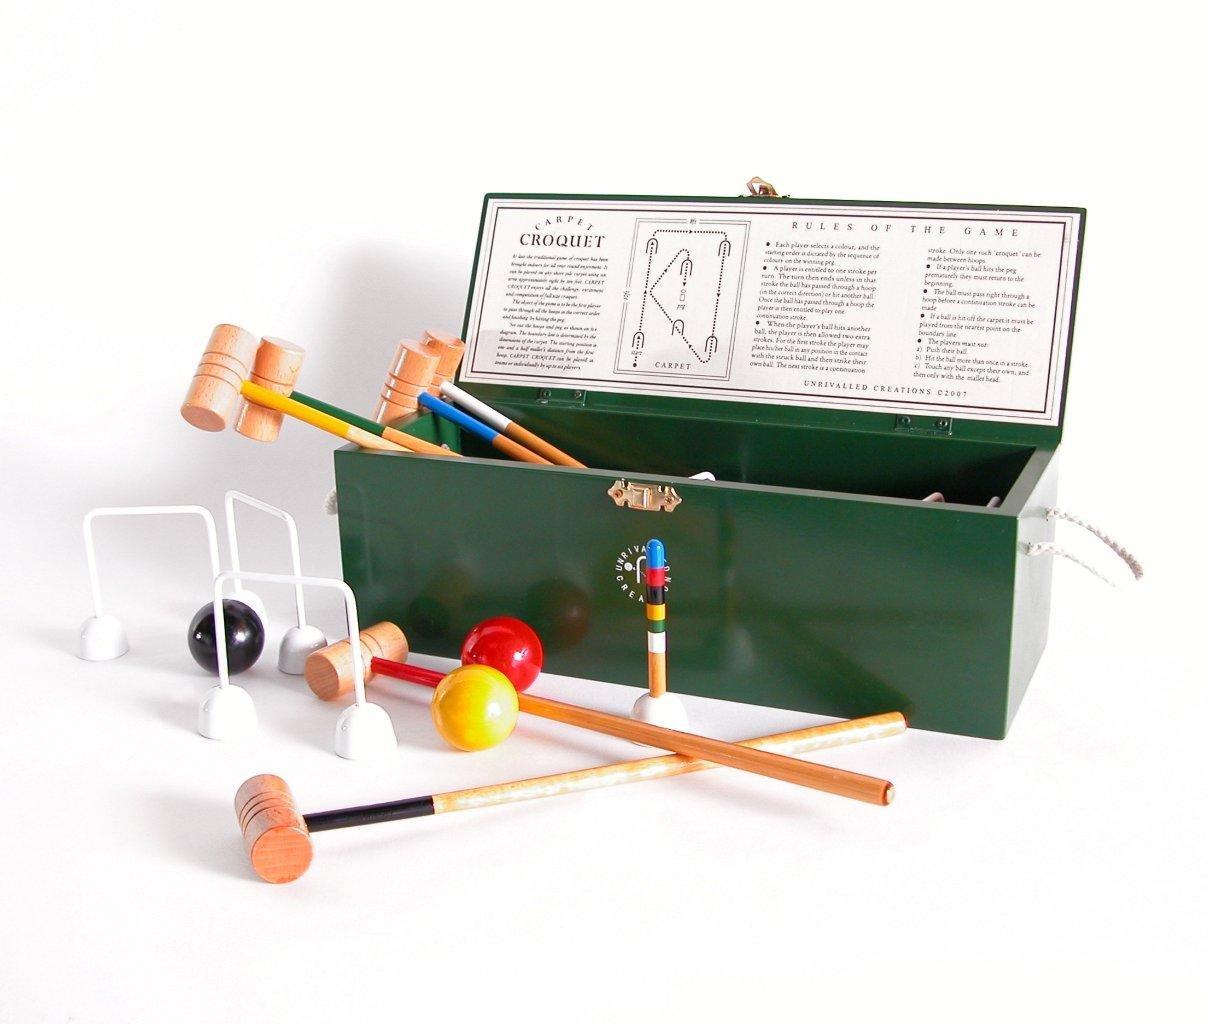 Übergames Indoor Mini-Krocket aus ECO-Holz inkl. Kiste zum Aufbewahren